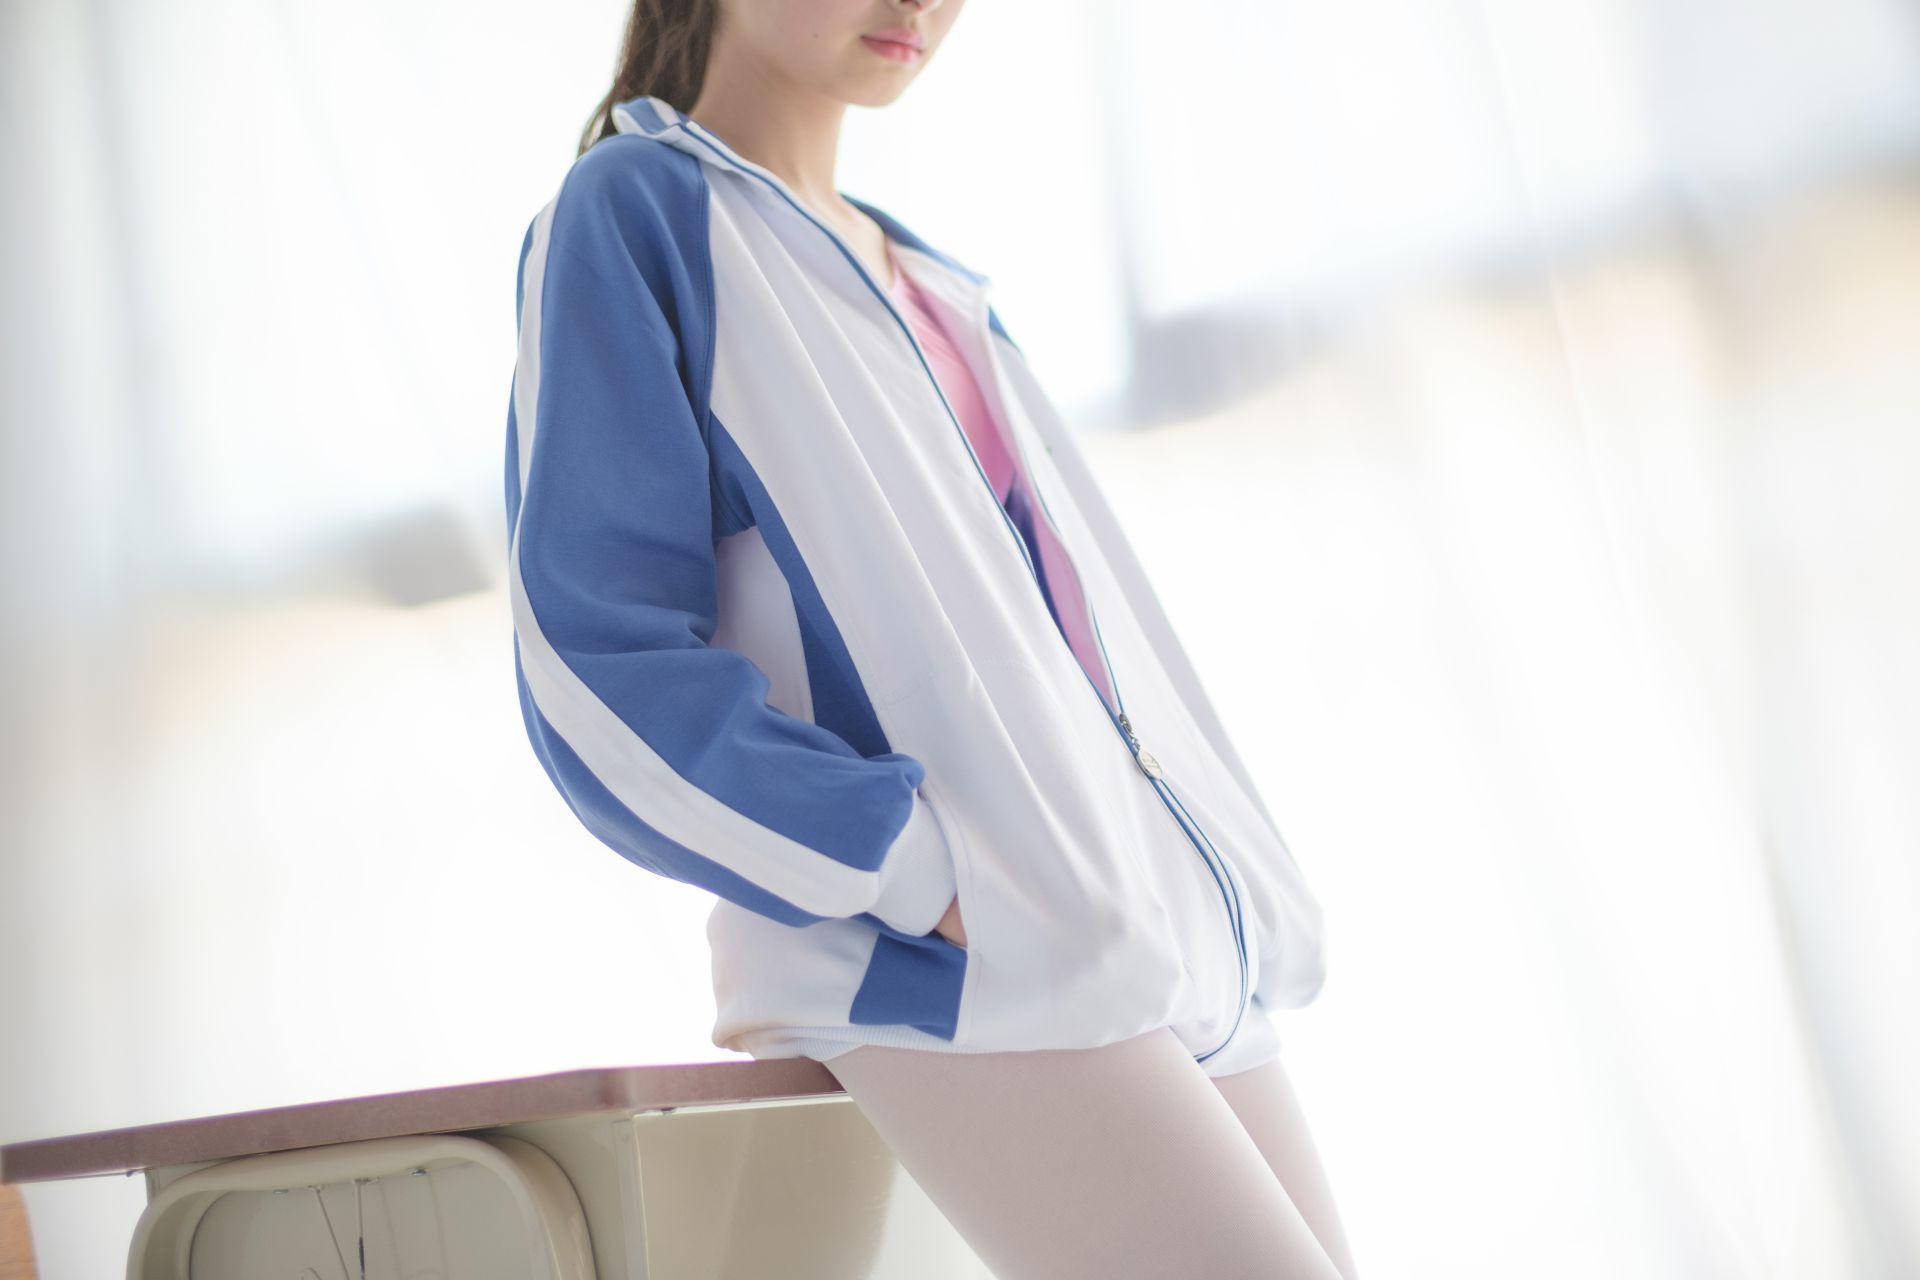 【森萝财团】森萝财团写真 - R15-012 白丝粉红少女 [84P-392MB] R15系列 第5张